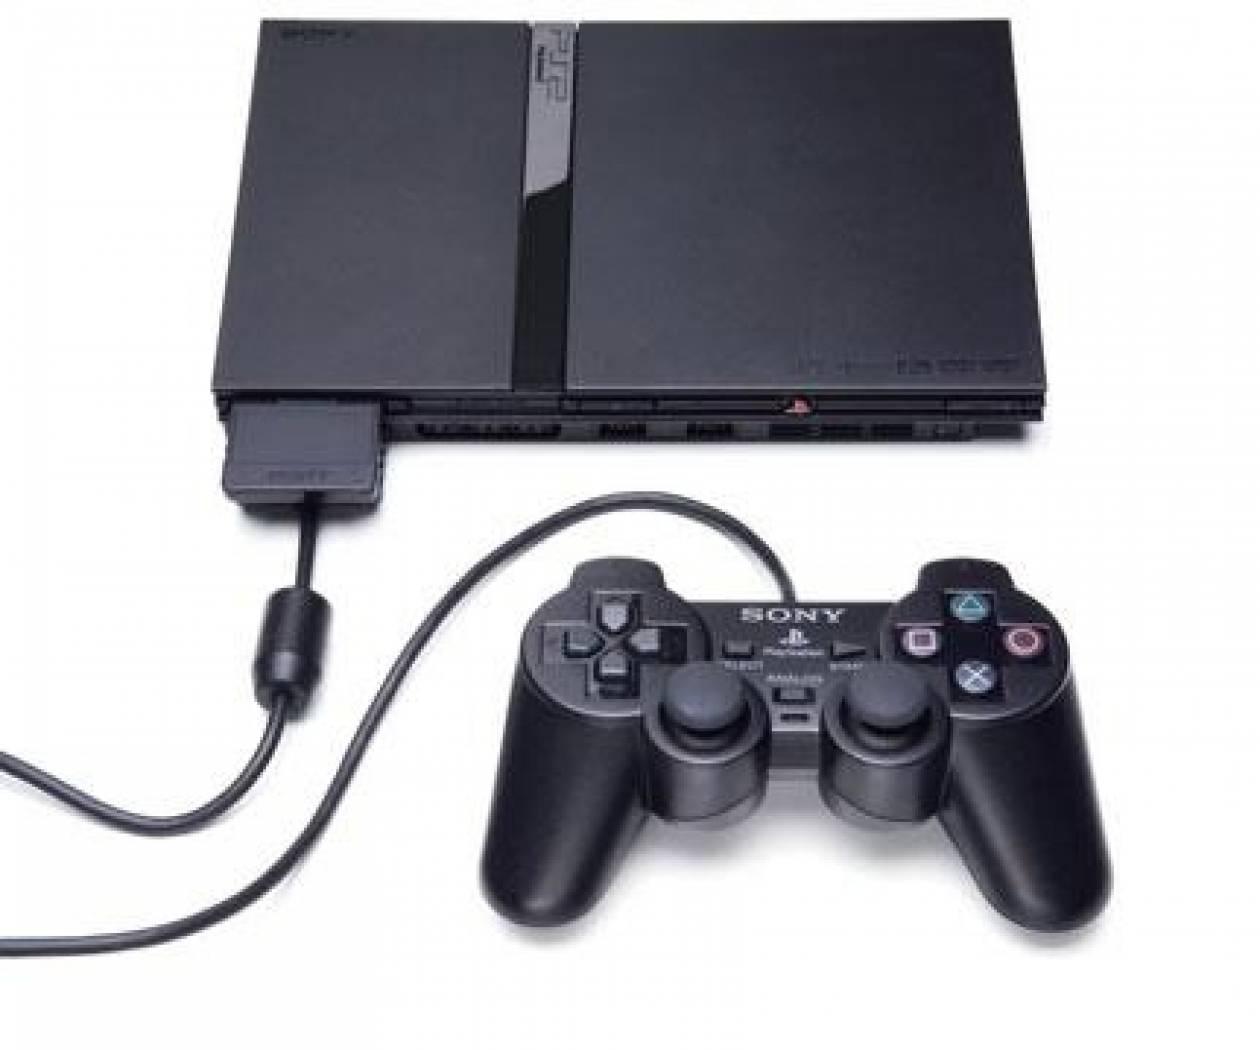 Τέλος για το Playstation 2